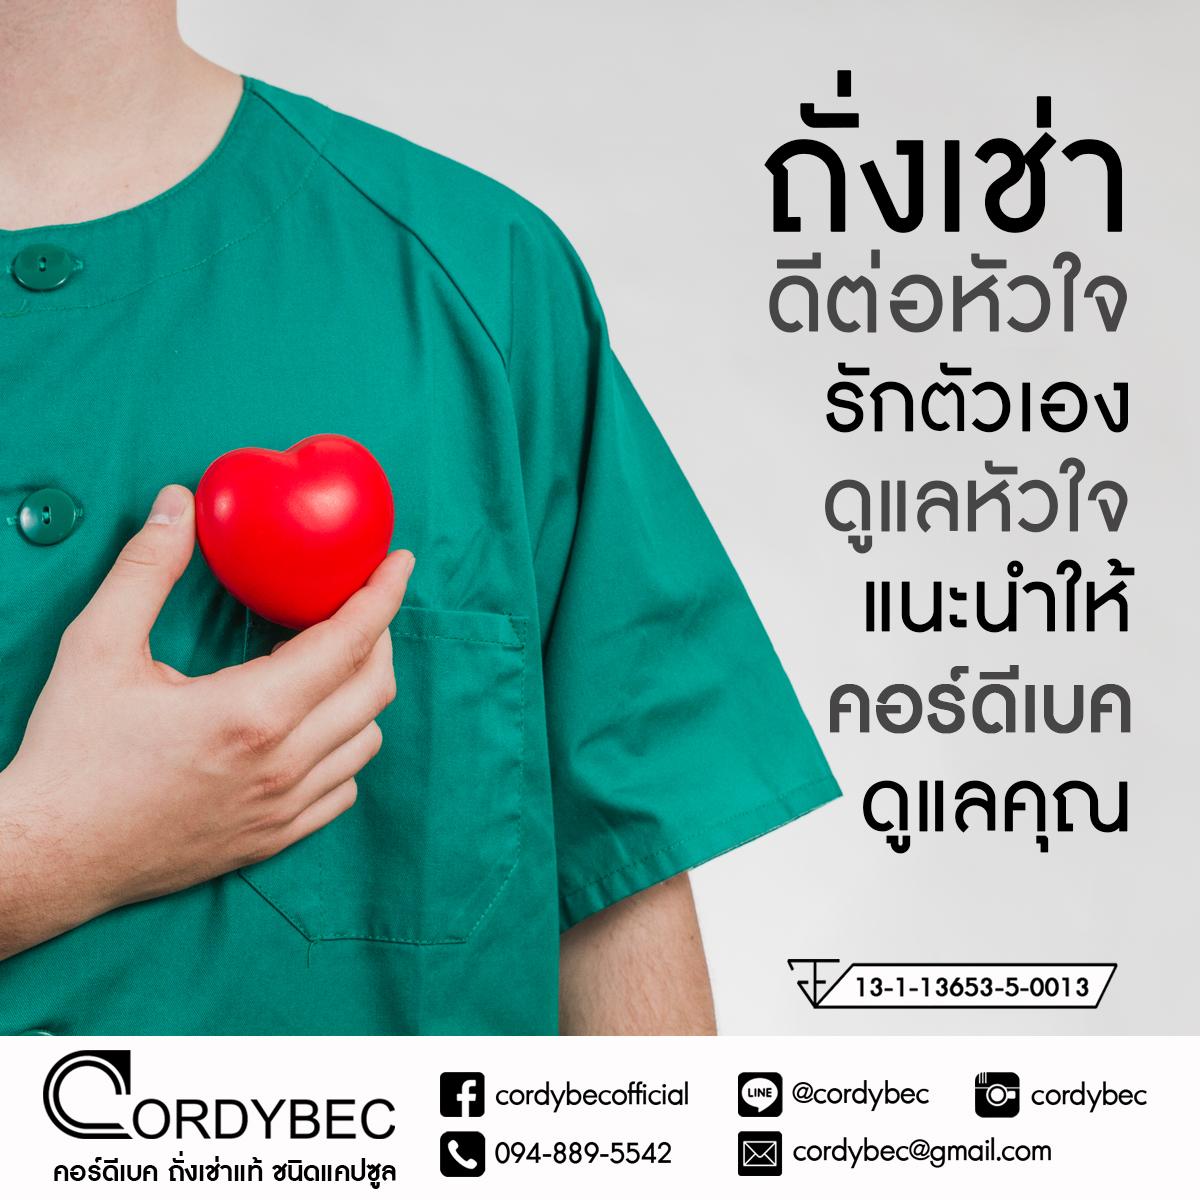 Cordybec Heart 016